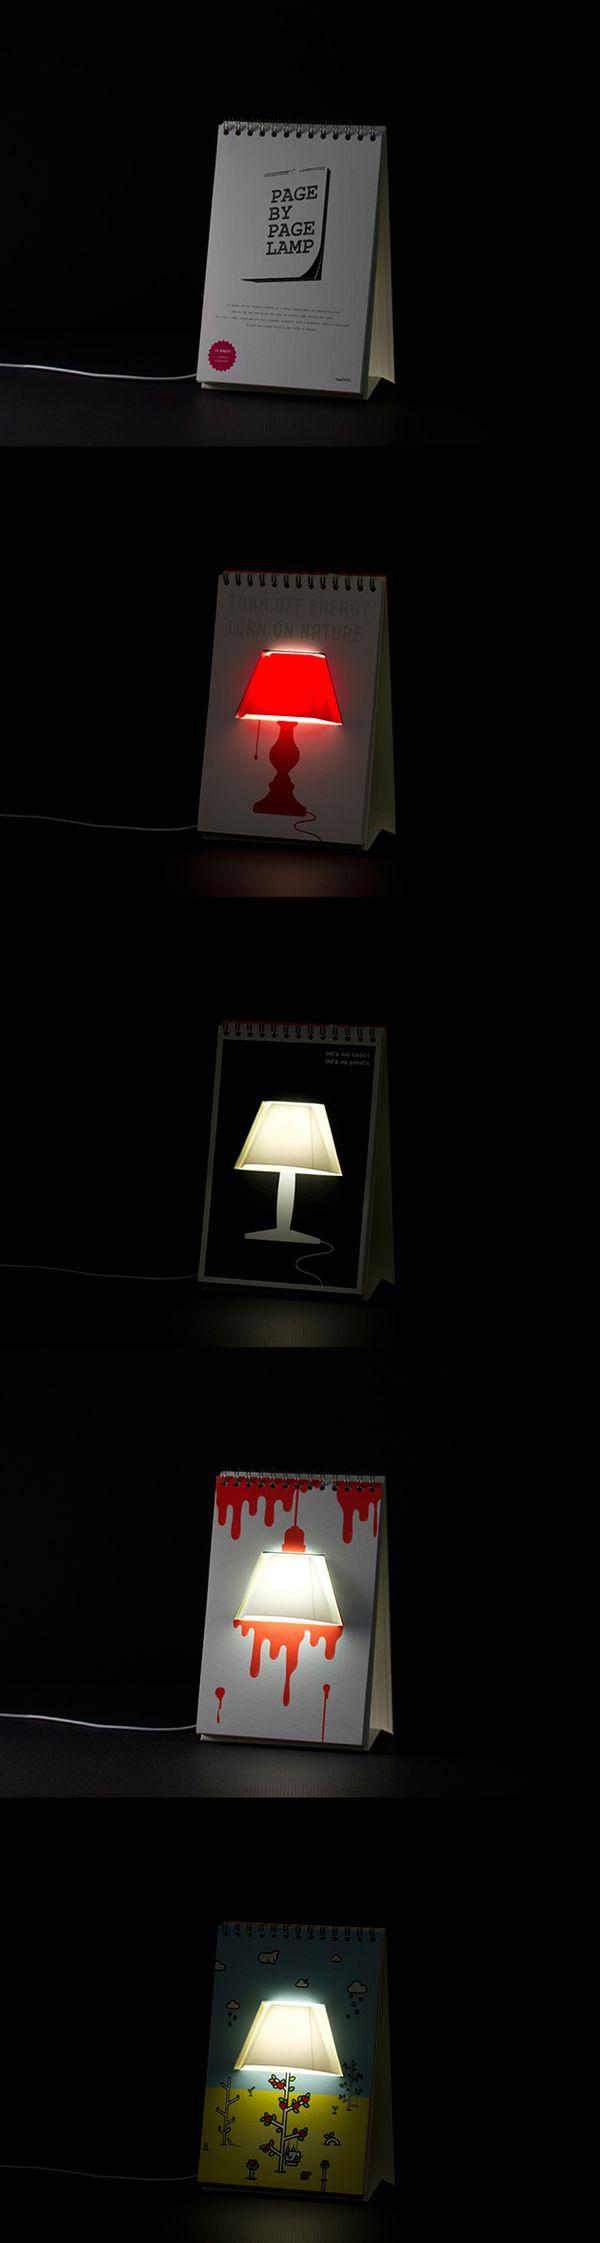 лампа календарь usb page by page